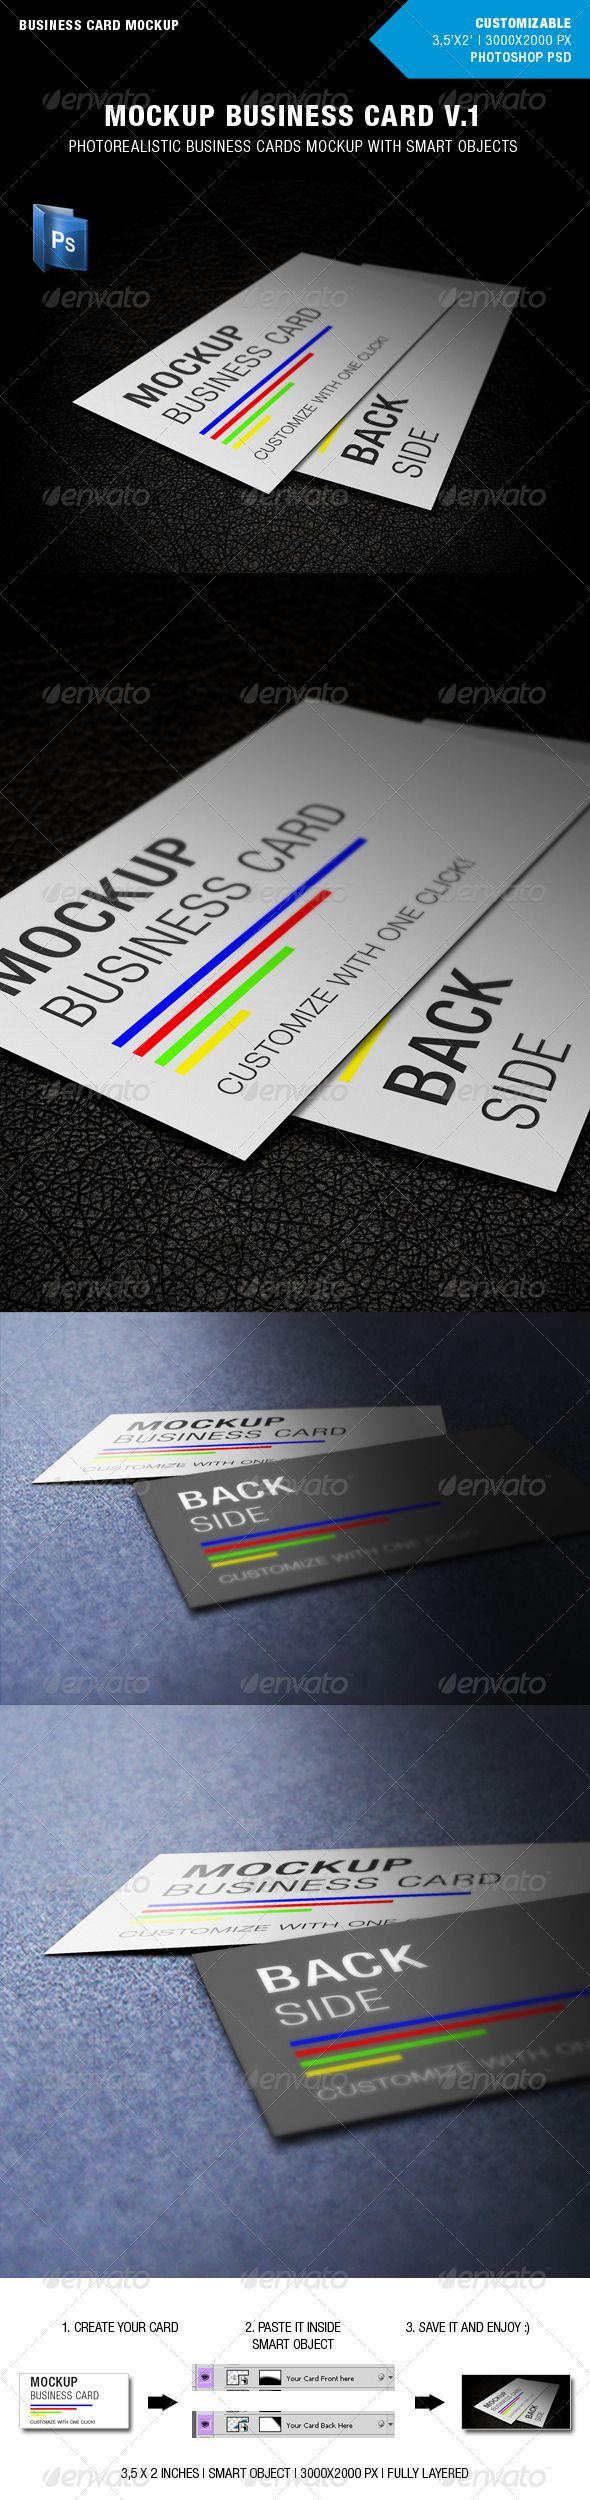 718 best business card mockup images on pinterest miniatures mockup business card v1 reheart Images